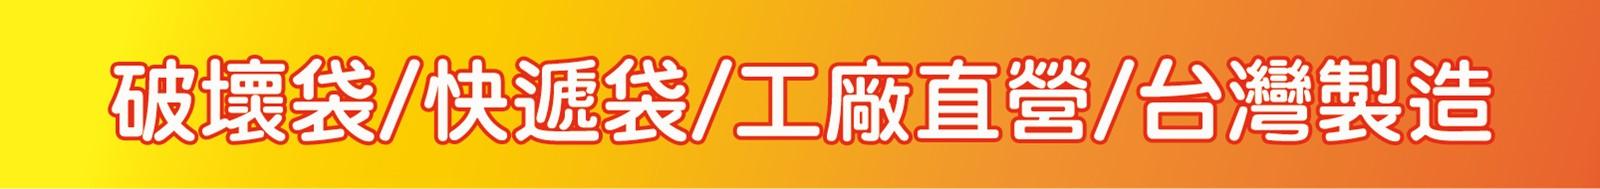 破壞袋/快遞袋/工廠直營/台灣製造